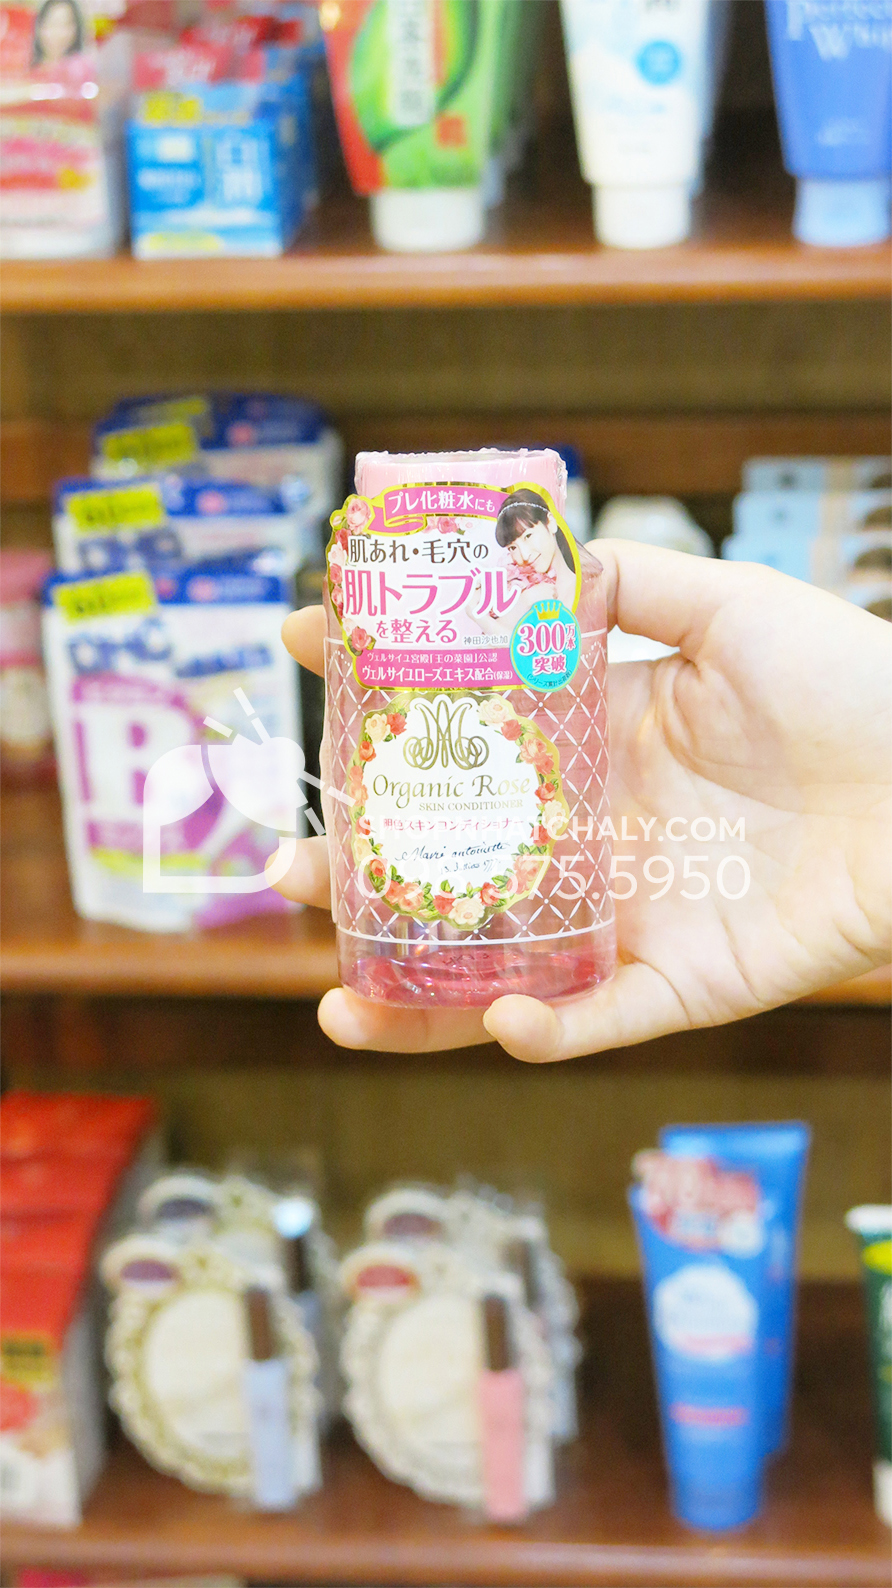 Organic Rose Meishoku 200ml có kích thước nhỏ gọn, dễ dàng mang theo để dưỡng da ngay cả khi đi du lịch